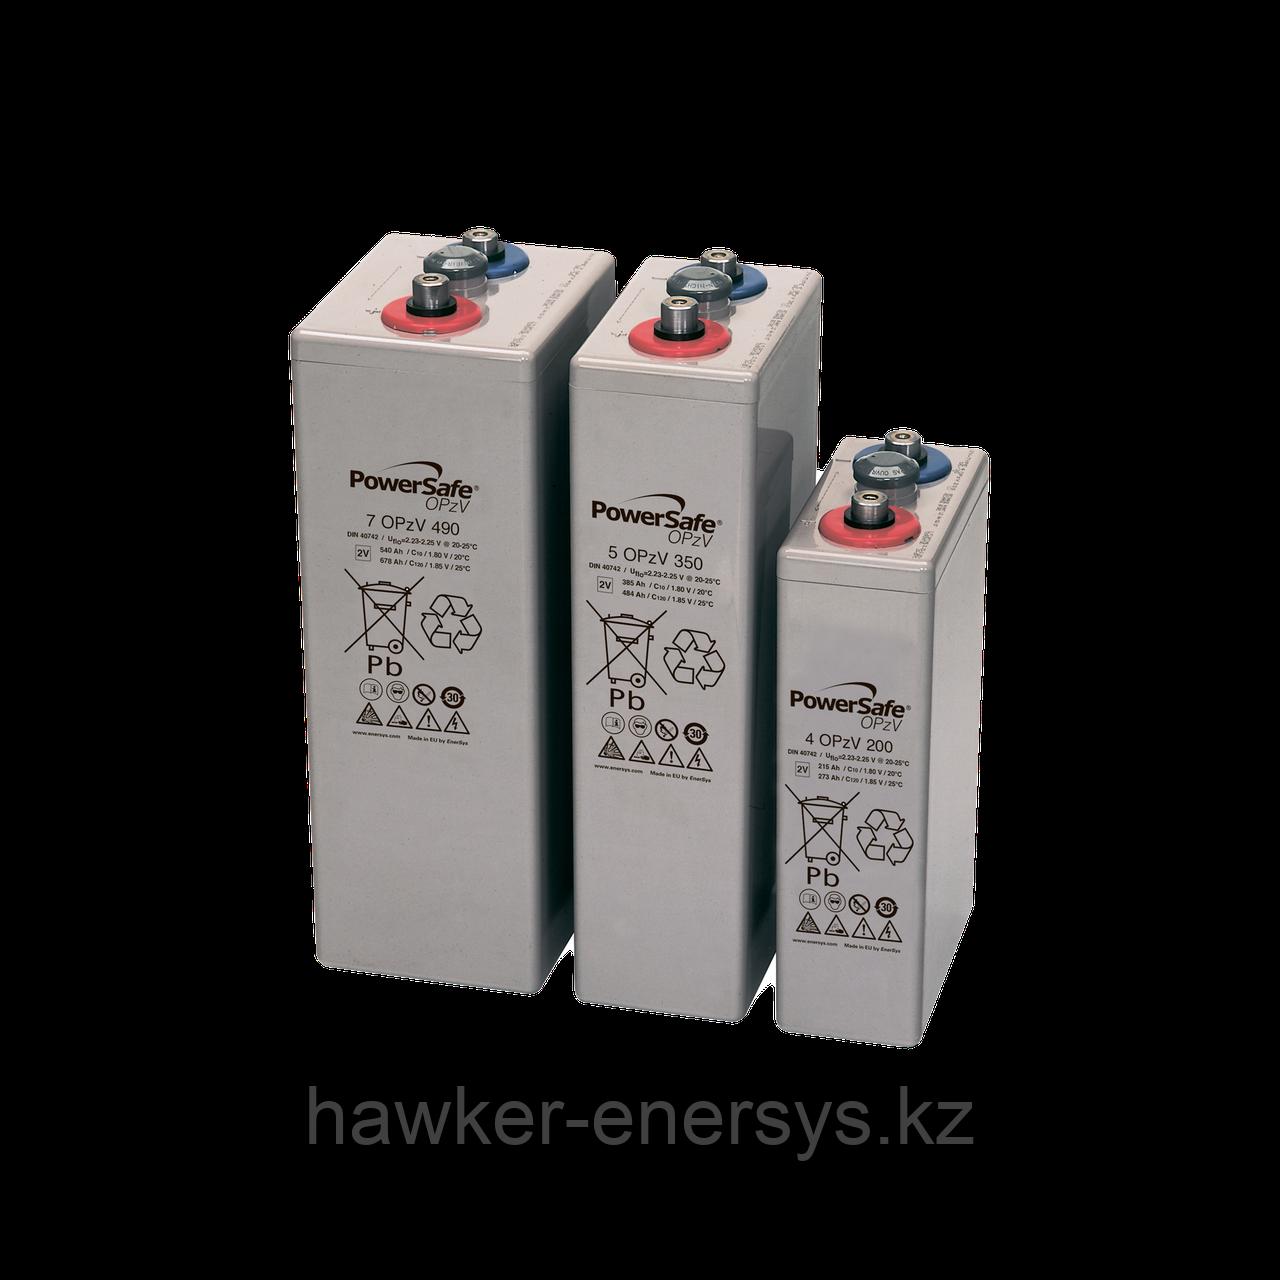 Аккумуляторная батарея PowerSafe 6 OPzV 600 (705Ah)